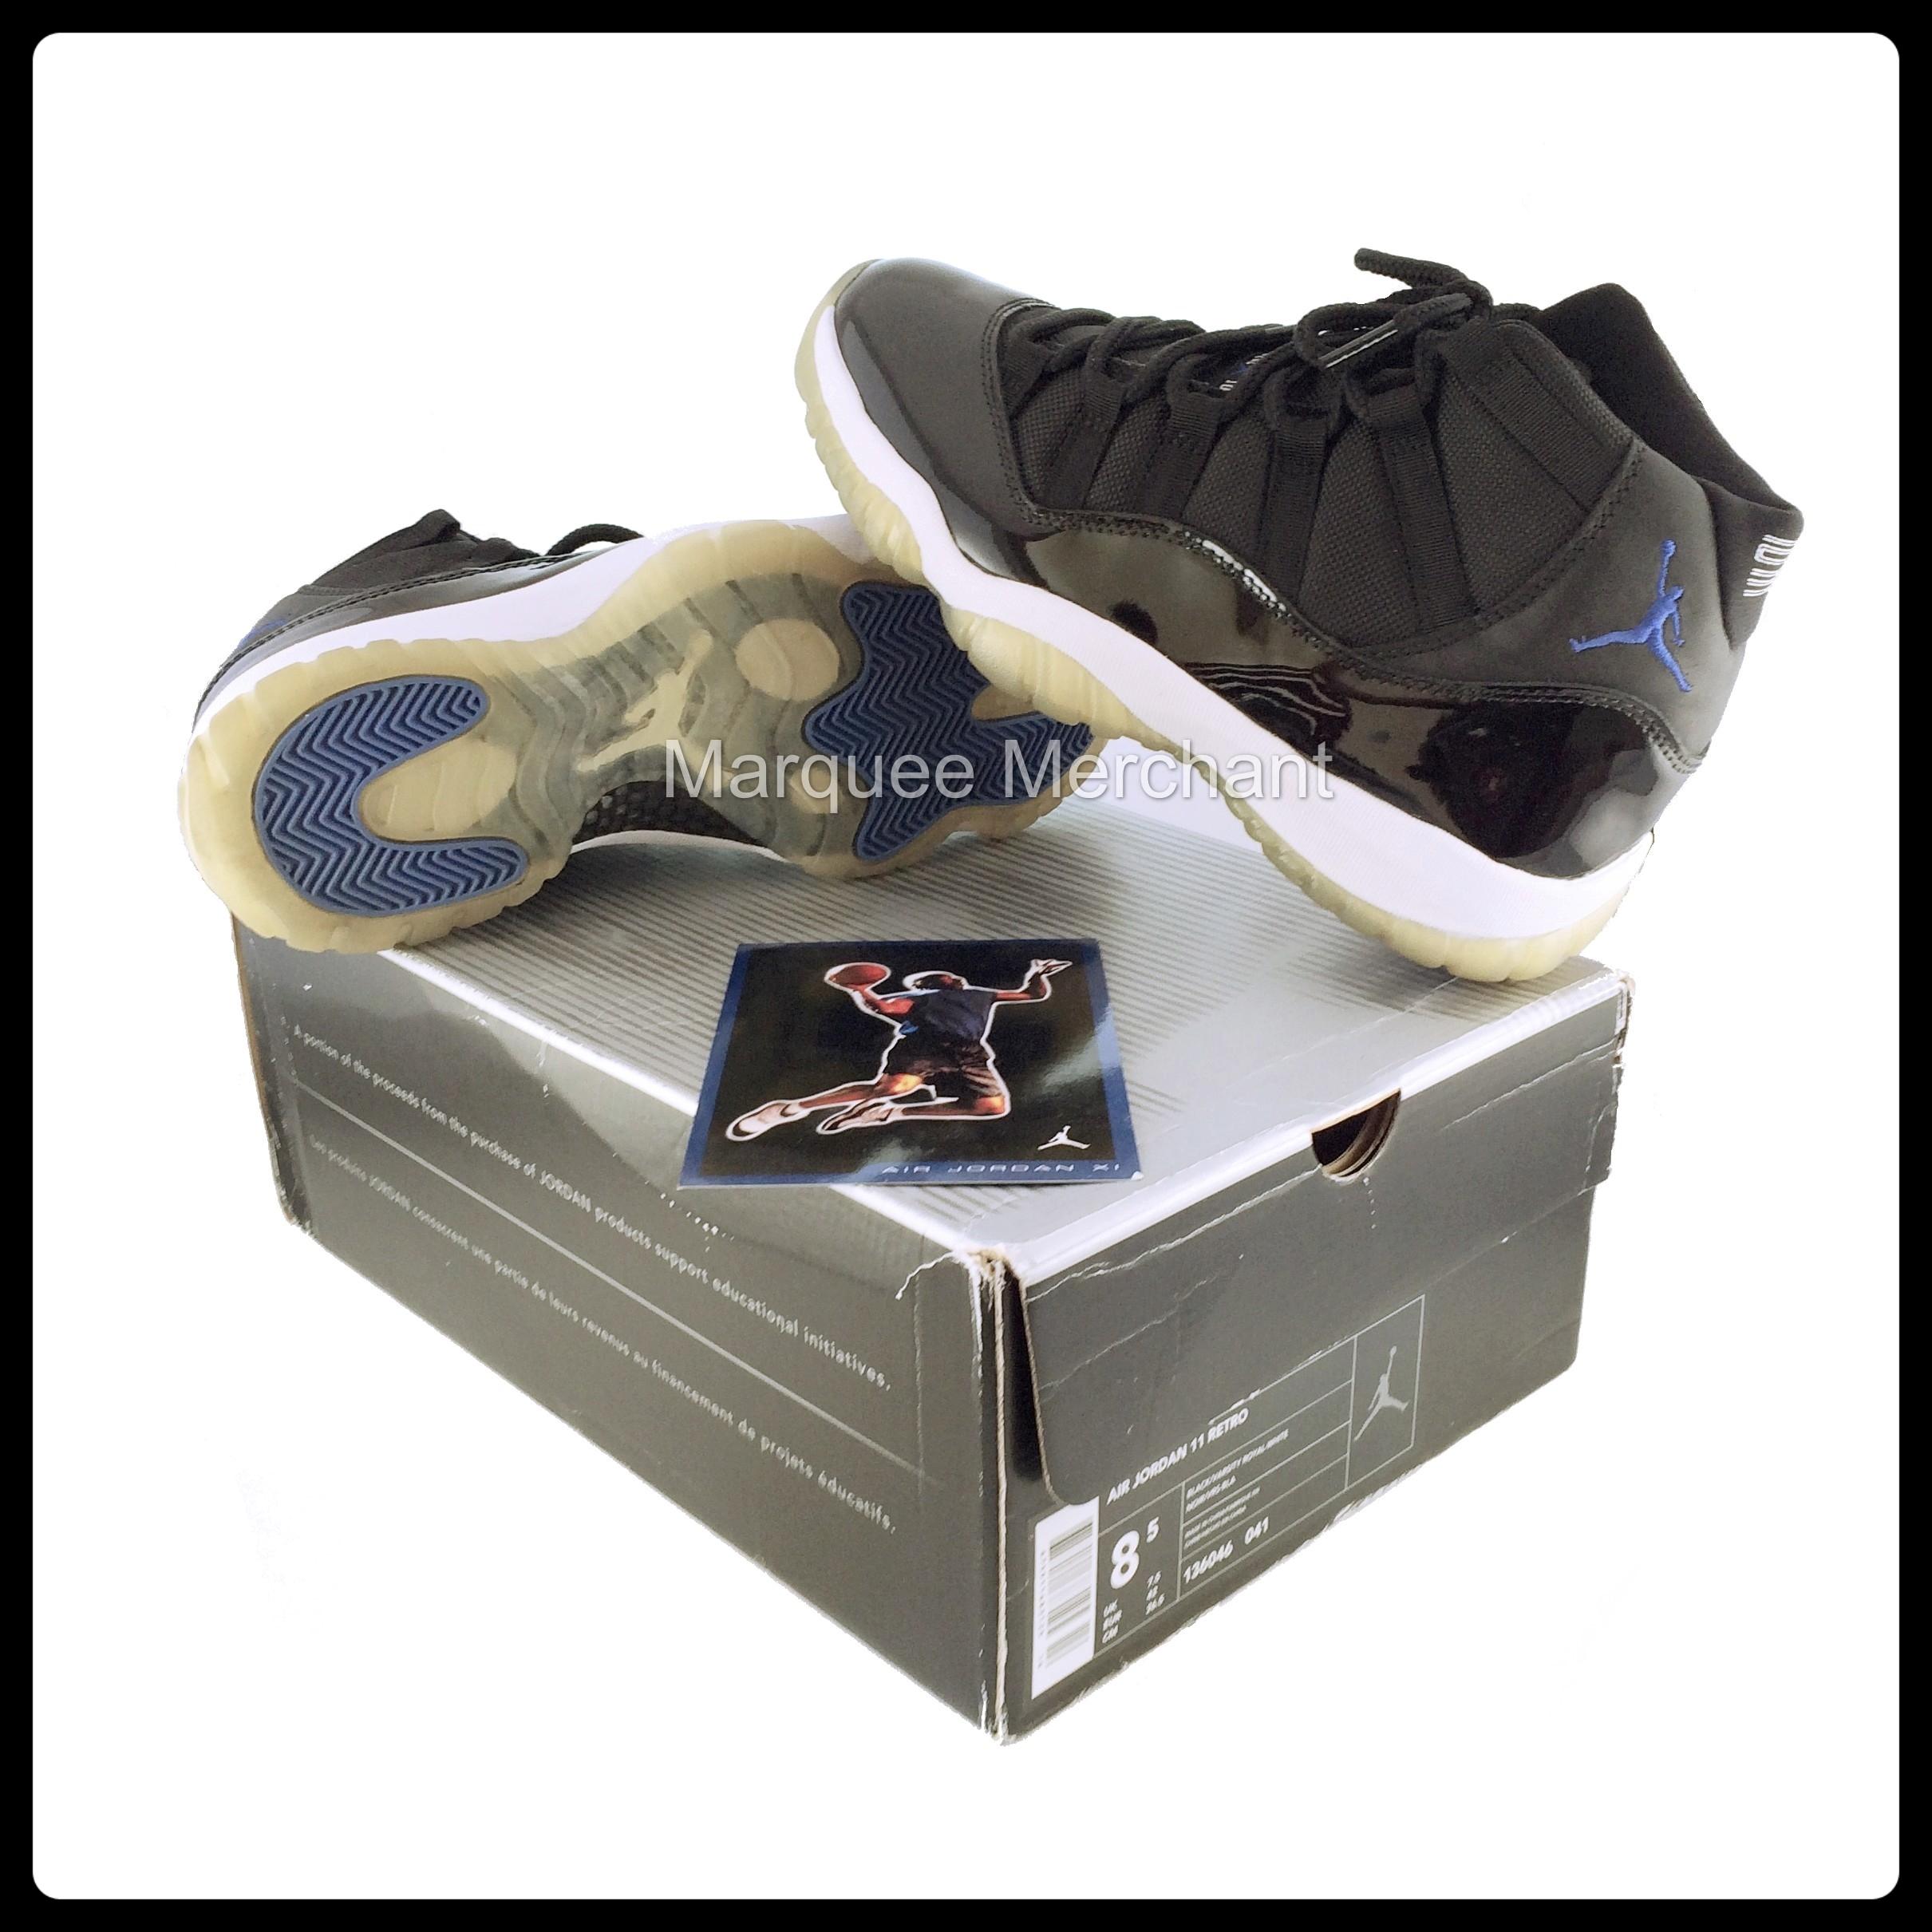 sports shoes 70b7b be8d7 Nike Air Jordan XI (11) Retro Space Jam 2000